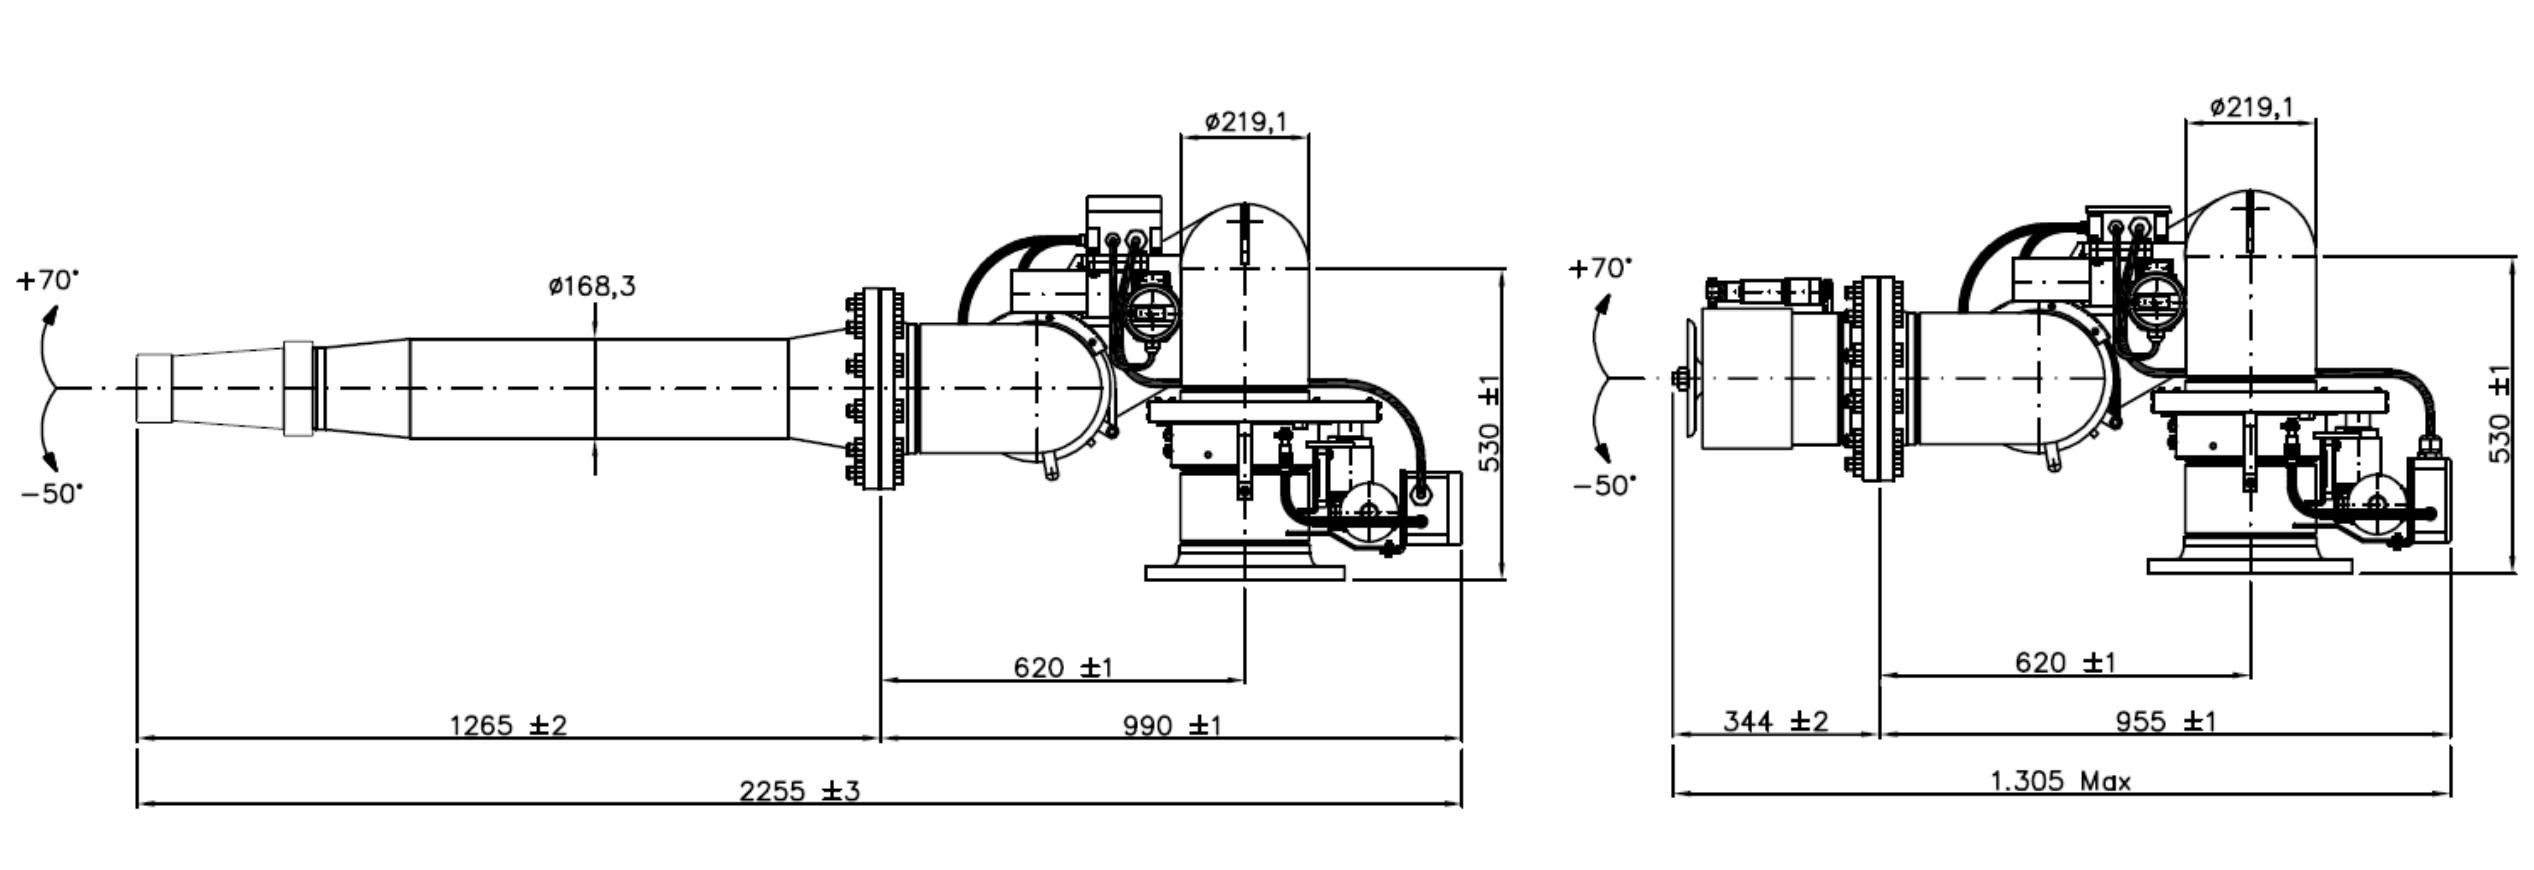 Technische specificatie FiFi Blusmonitor